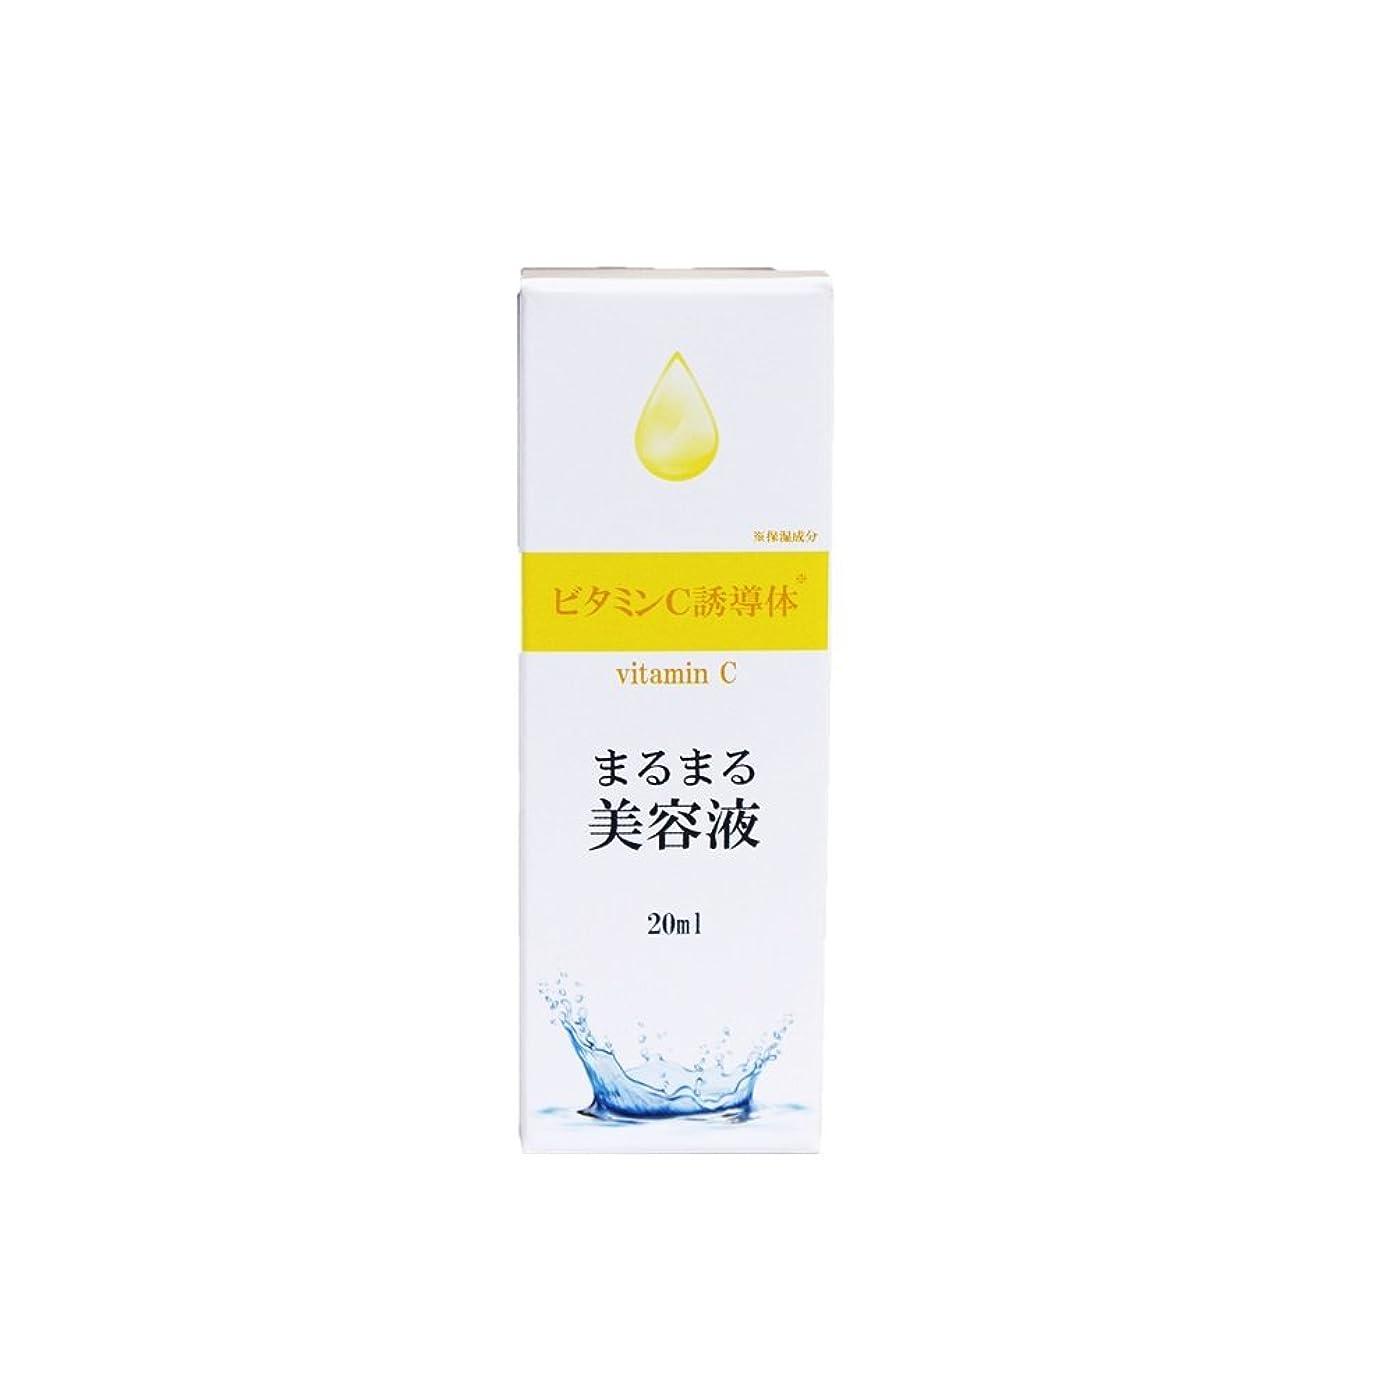 確立気分が良い盟主まるまる美容液 ビタミンC誘導体